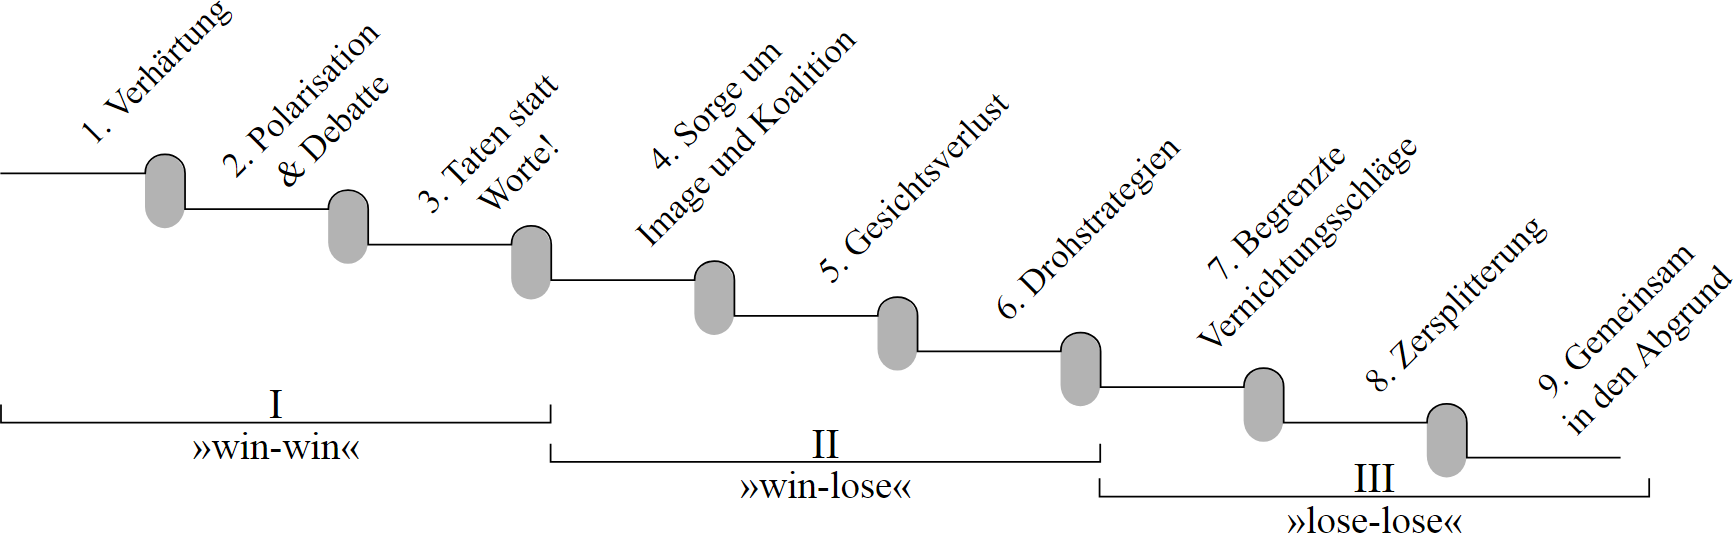 Konflikt-Eskalationsmodell nach Friedrich Glasl